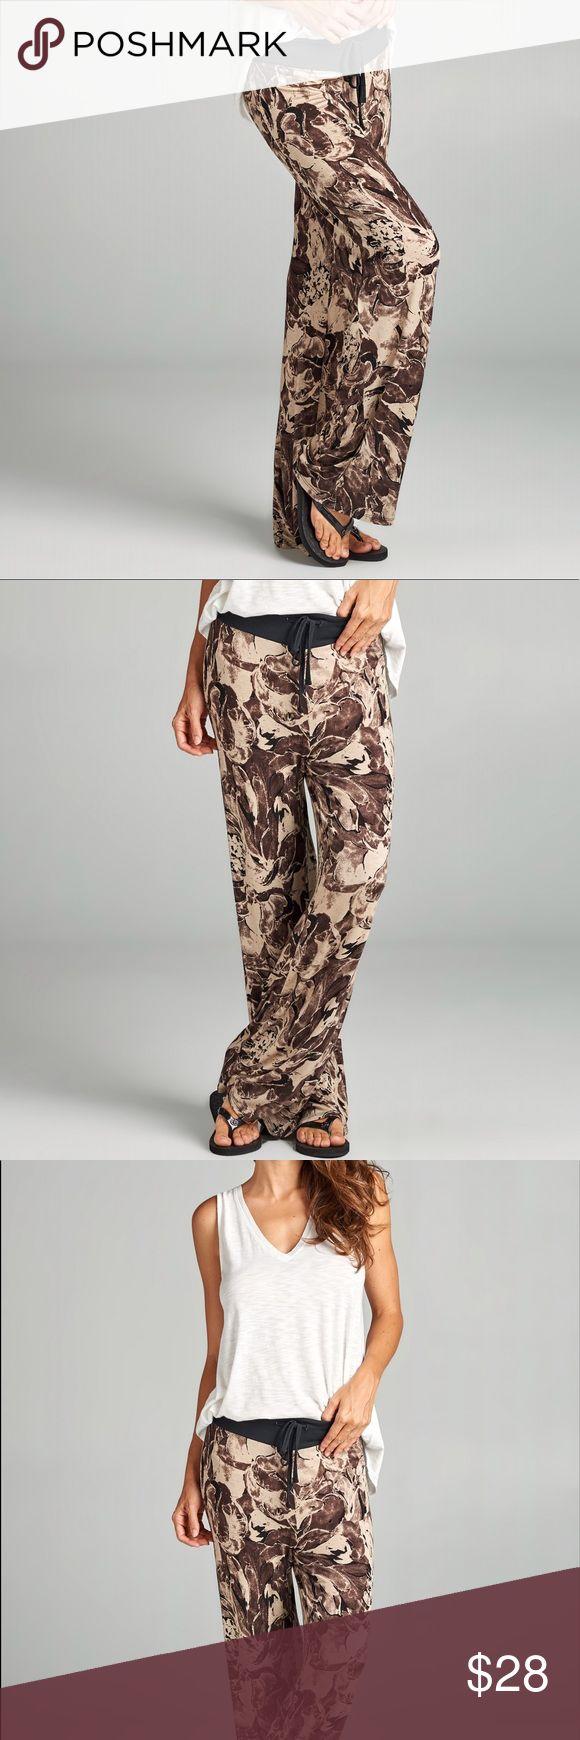 Drawstring Lounge Pants MADE IN USA Drawstring Lounge Pants MADE IN USA; new; 95% rayon 5%spandex Pants